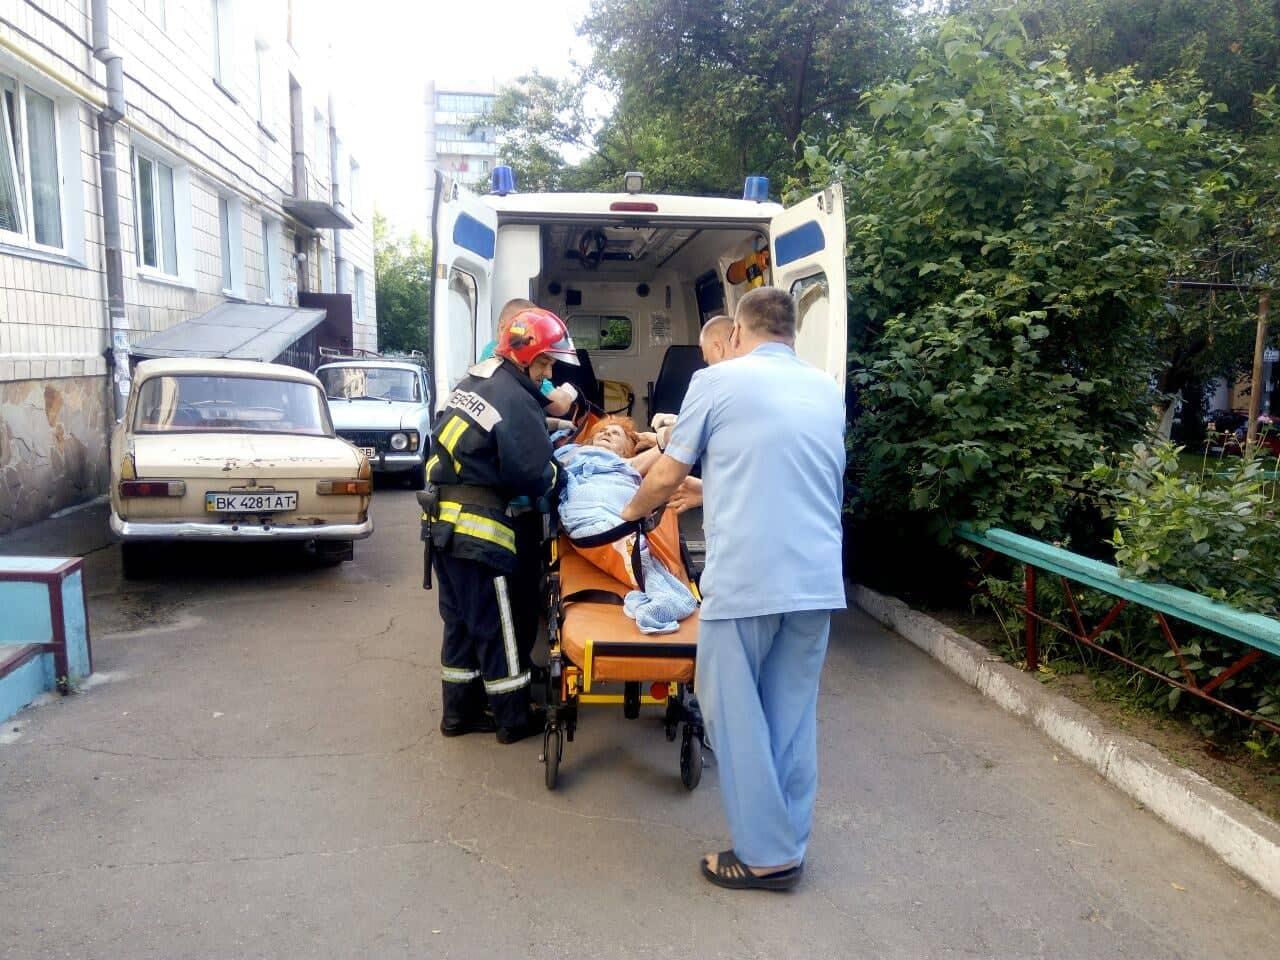 Рівненські рятувальники надали допомогу по відкриванню вхідних дверей